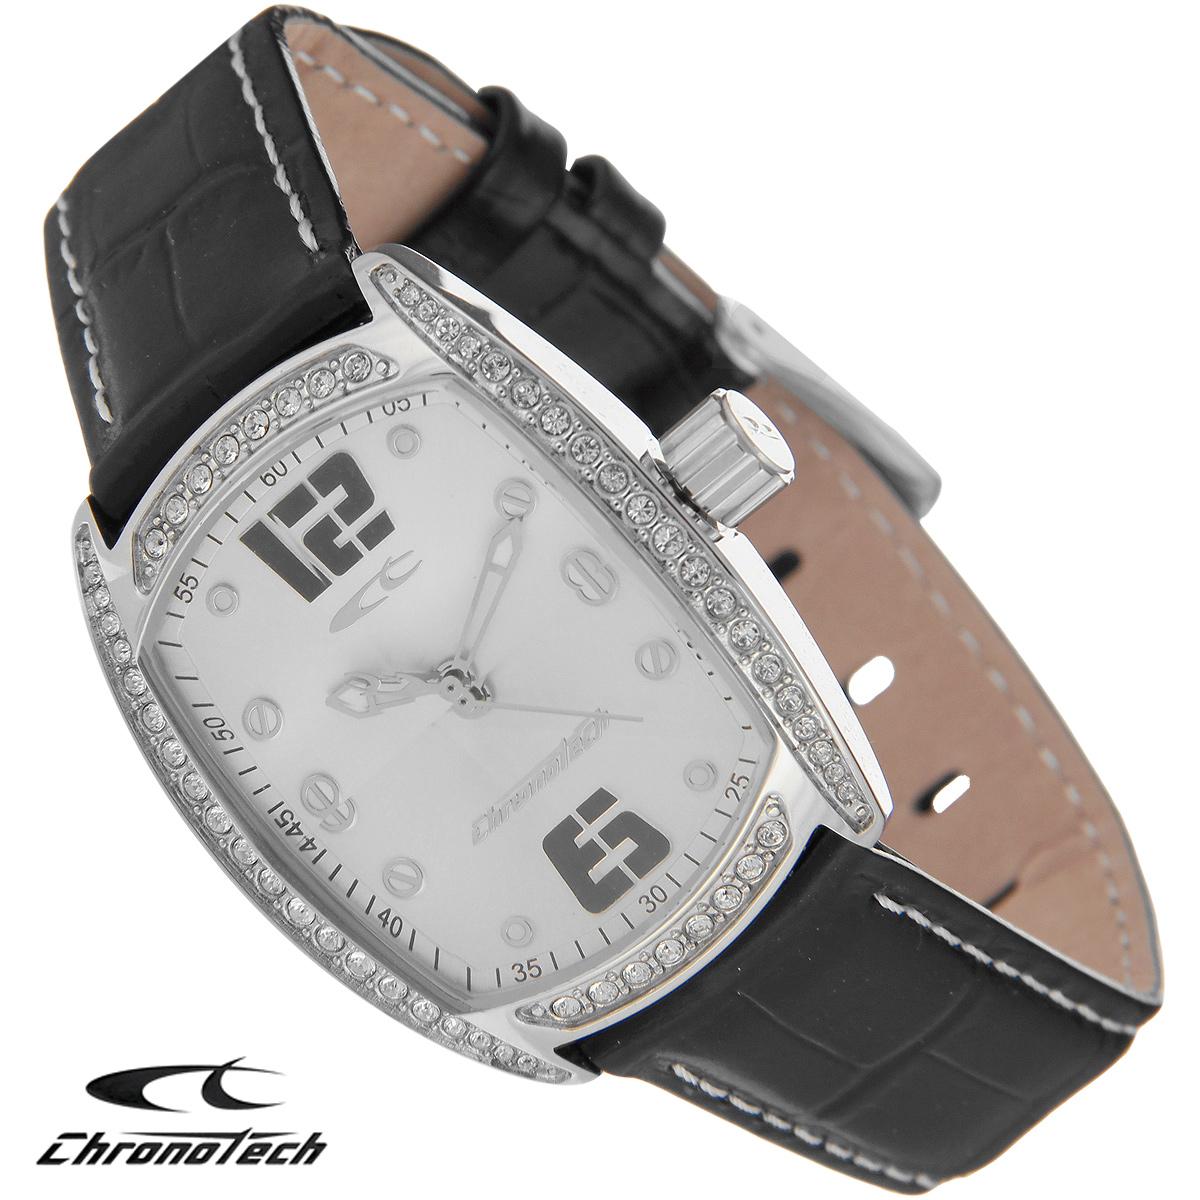 Часы женские наручные Chronotech, цвет: серебристый, черный. RW0001BP-001 BKЧасы Chronotech - это часы для современных и стильных людей, которые стремятся выделиться из толпы и подчеркнуть свою индивидуальность. Корпус часов выполнен из нержавеющей стали и по контуру циферблата оформлен стразами. Циферблат оформлен отметками и защищен минеральным стеклом. Часы имеют три стрелки - часовую, минутную и секундную. Стрелки светятся в темноте. Ремешок часов выполнен из натуральной кожи и застегивается на классическую застежку. Часы упакованы в фирменную коробку с логотипом компании Chronotech. Такой аксессуар добавит вашему образу стиля и подчеркнет безупречный вкус своего владельца.Характеристики: Размер циферблата: 2,5 см х 3 см.Размер корпуса: 3 см х 3,8 см х 0,9 см.Длина ремешка (с корпусом): 23 см.Ширина ремешка: 1,6 см.